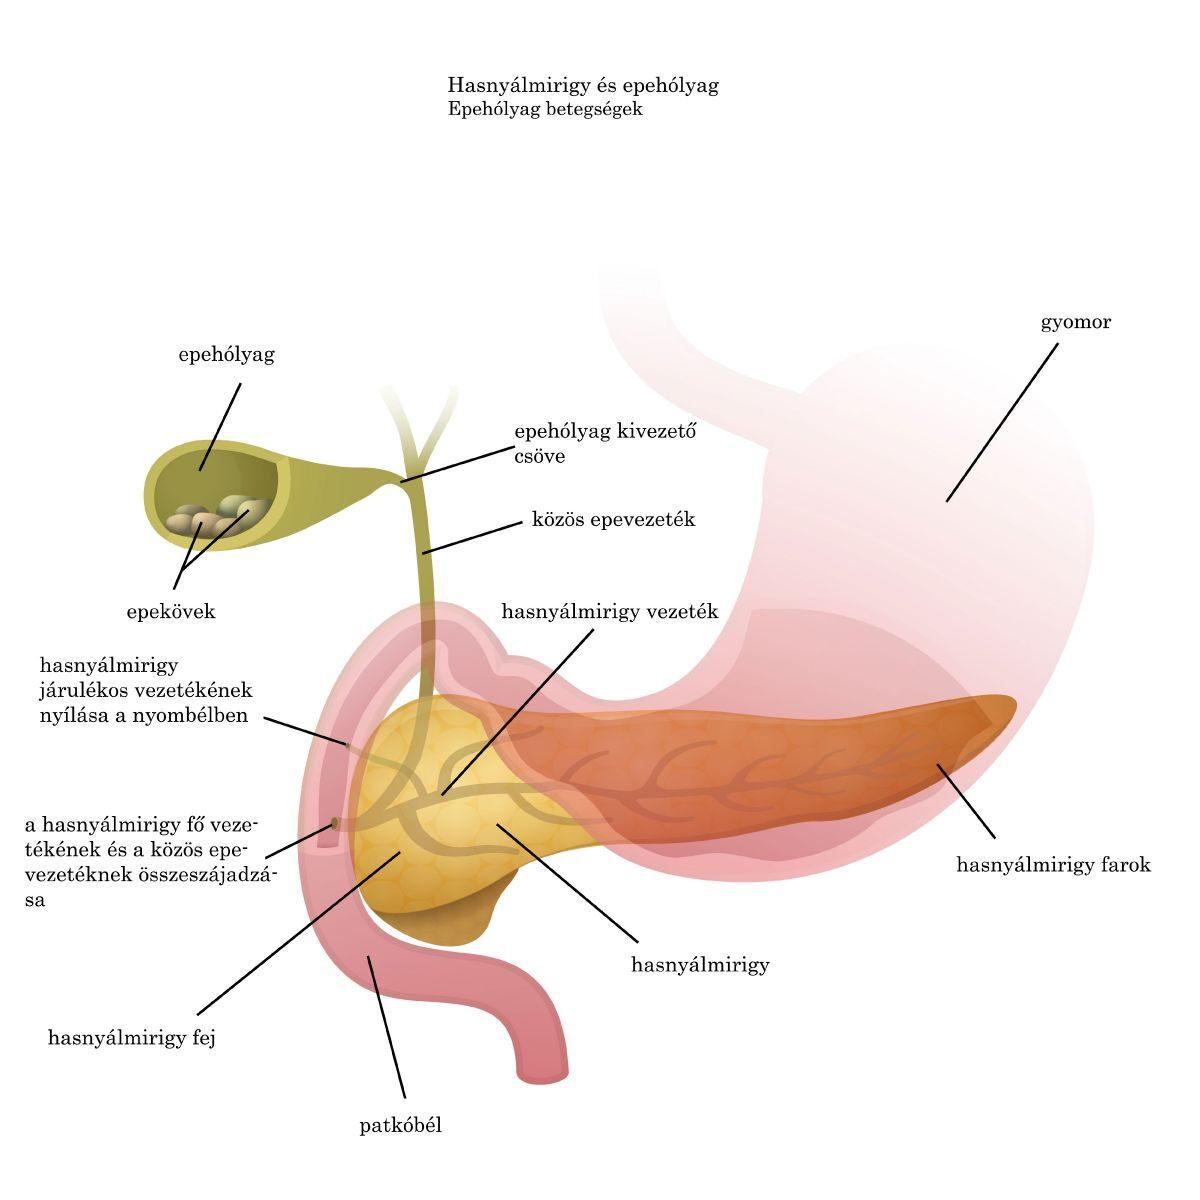 belfergek elleni gyogyszer kapcsolatba léphet a helmintákkal